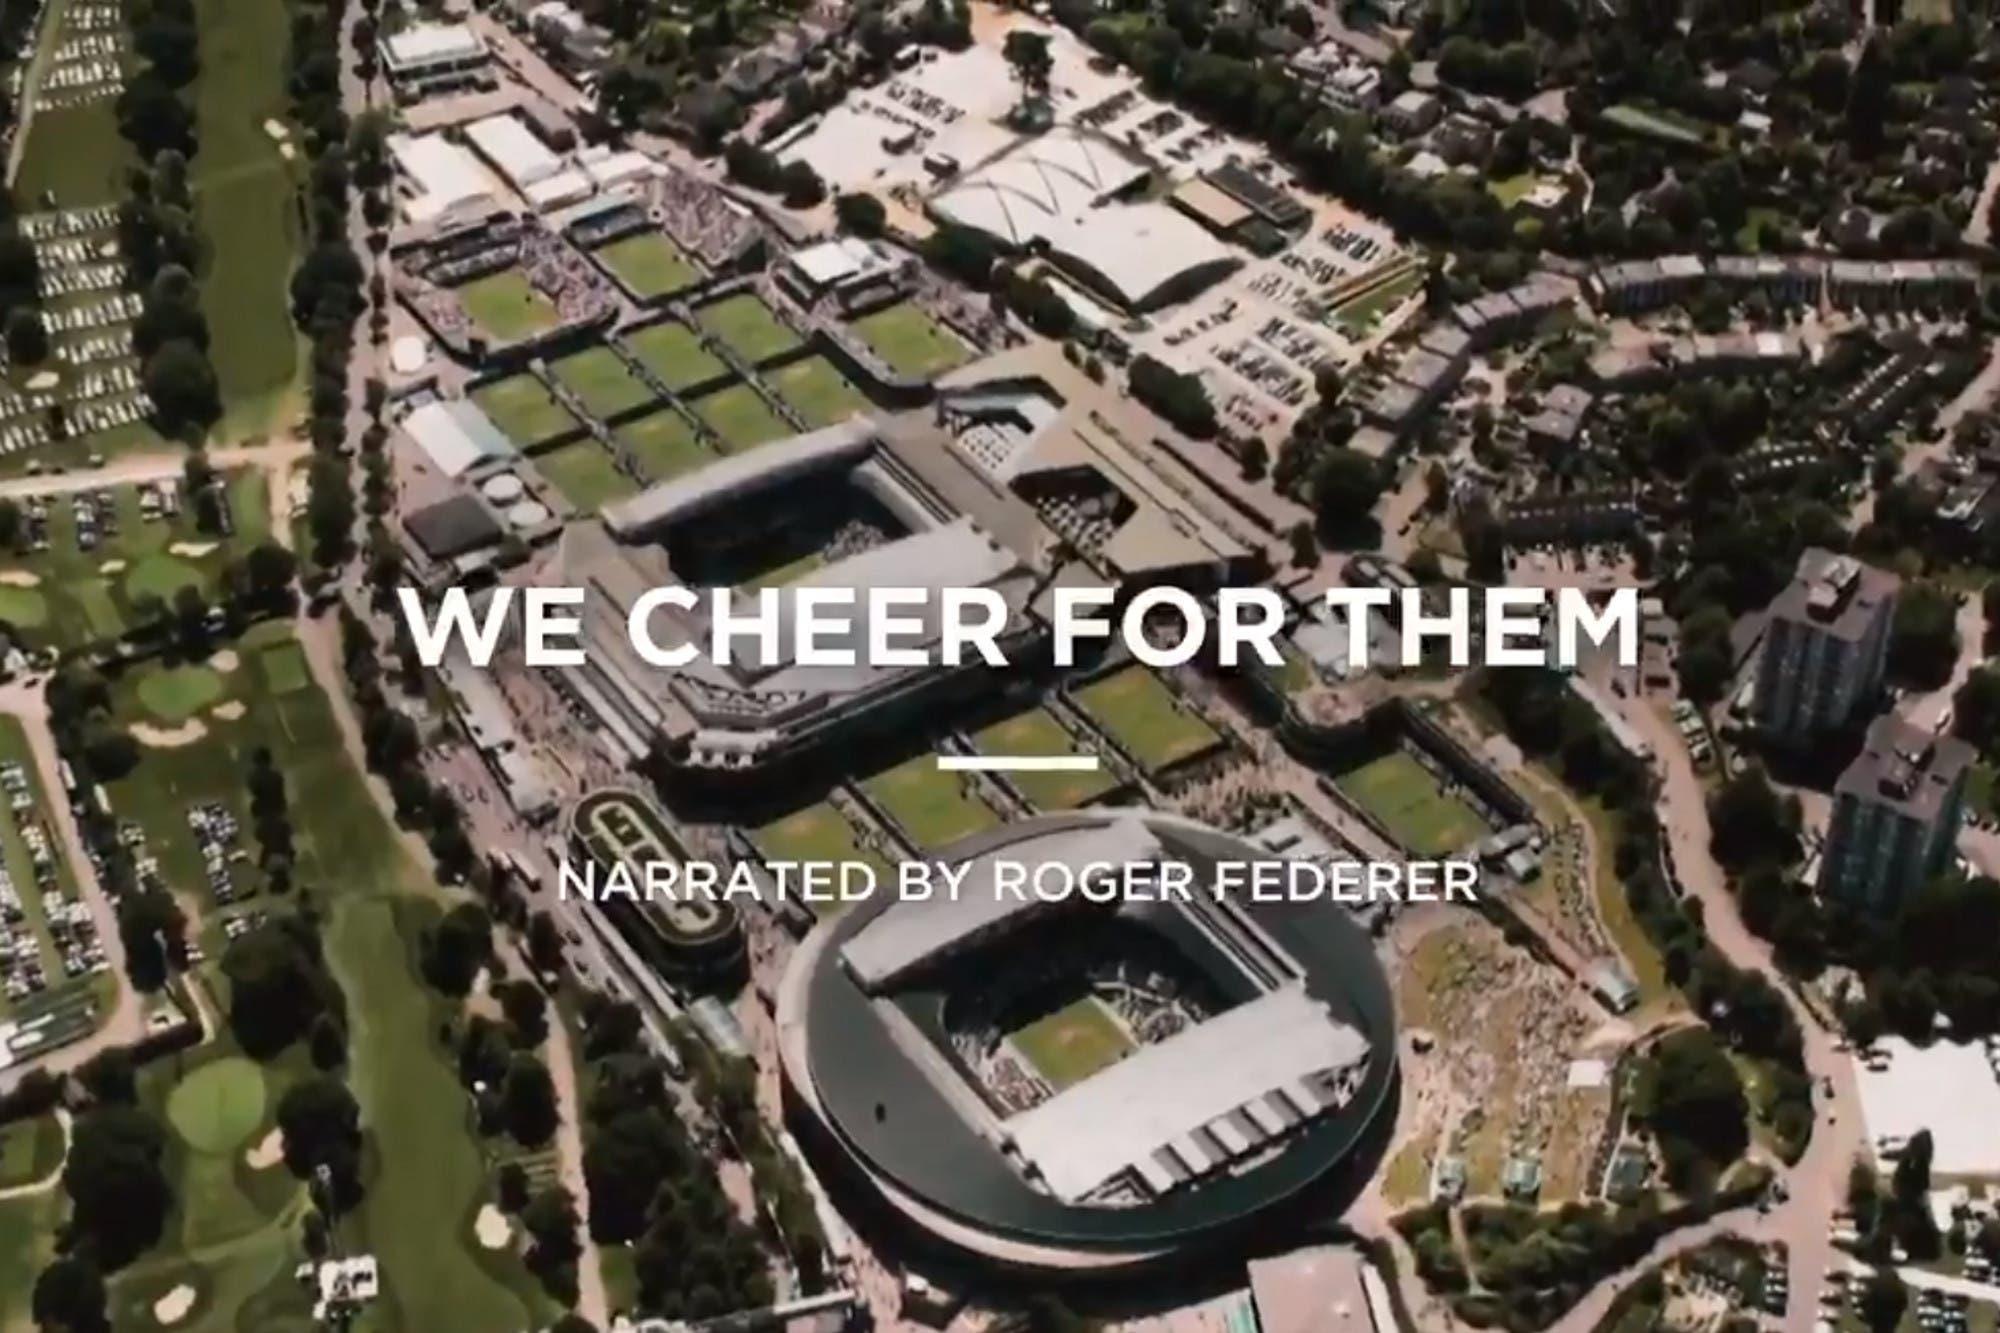 Clase y emoción: el video de Wimbledon narrado por Roger Federer en homenaje a los trabajadores de la salud